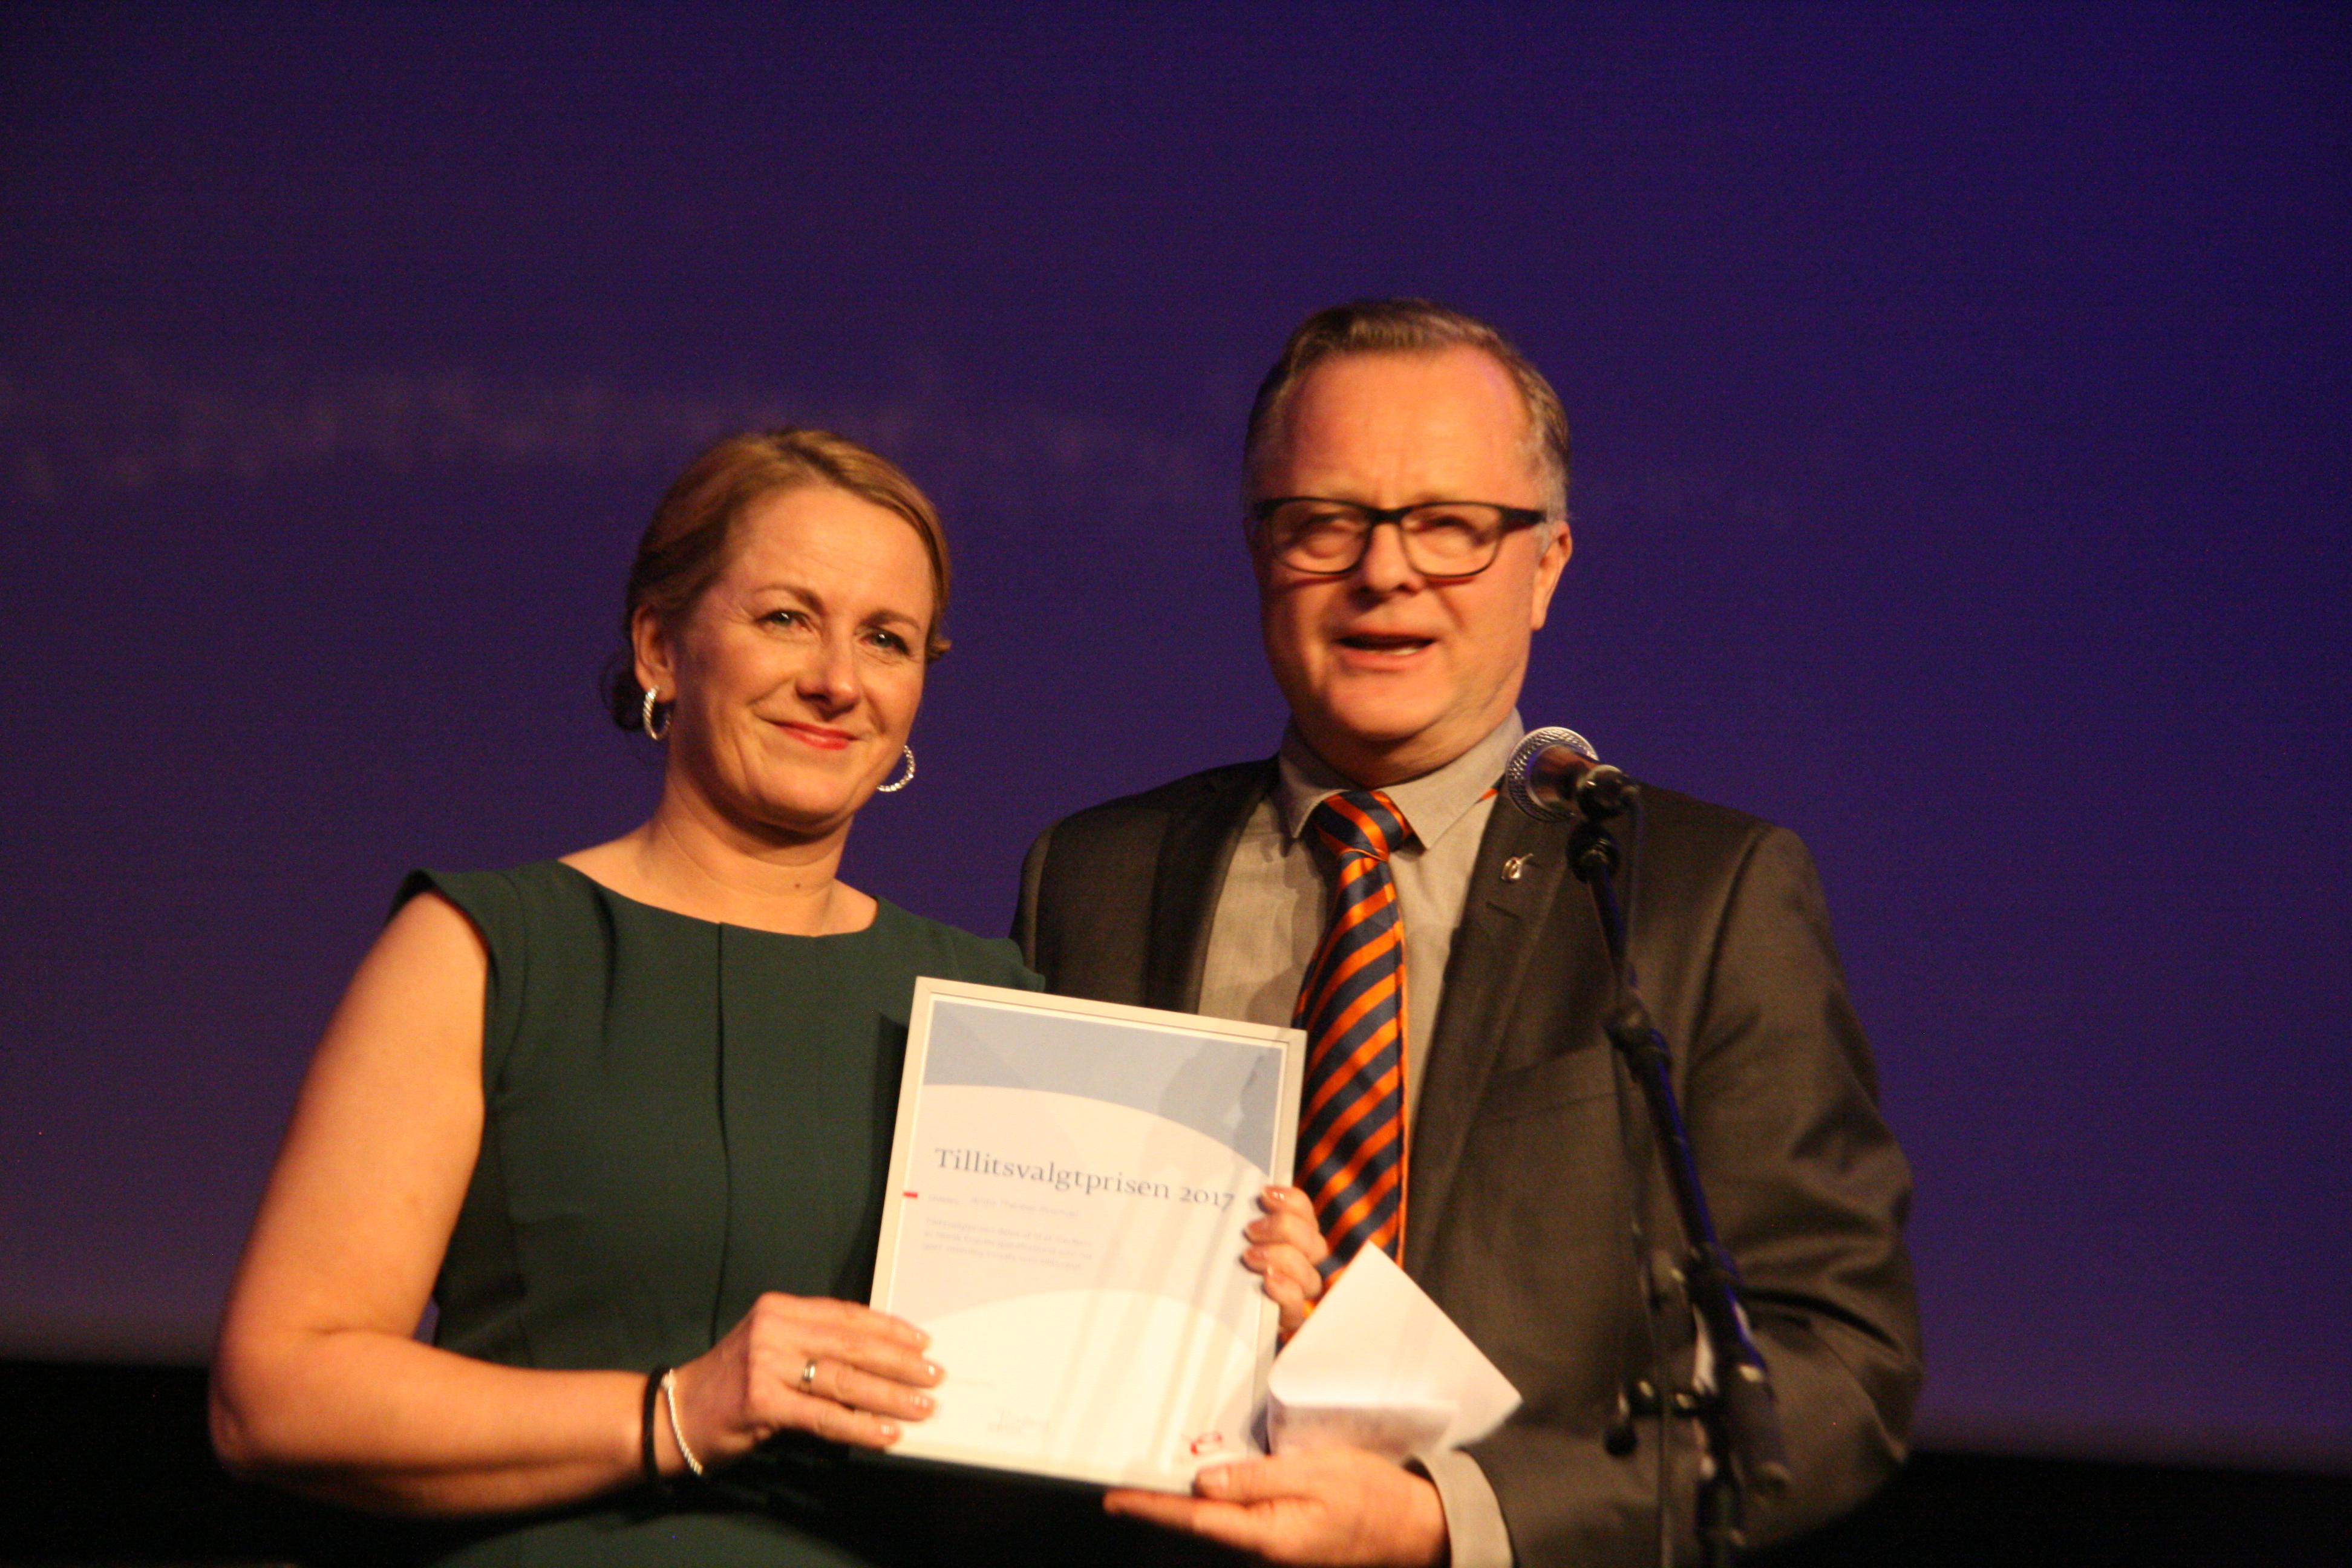 Anita Rosmæl, Tillitsvalgtprisen 2018